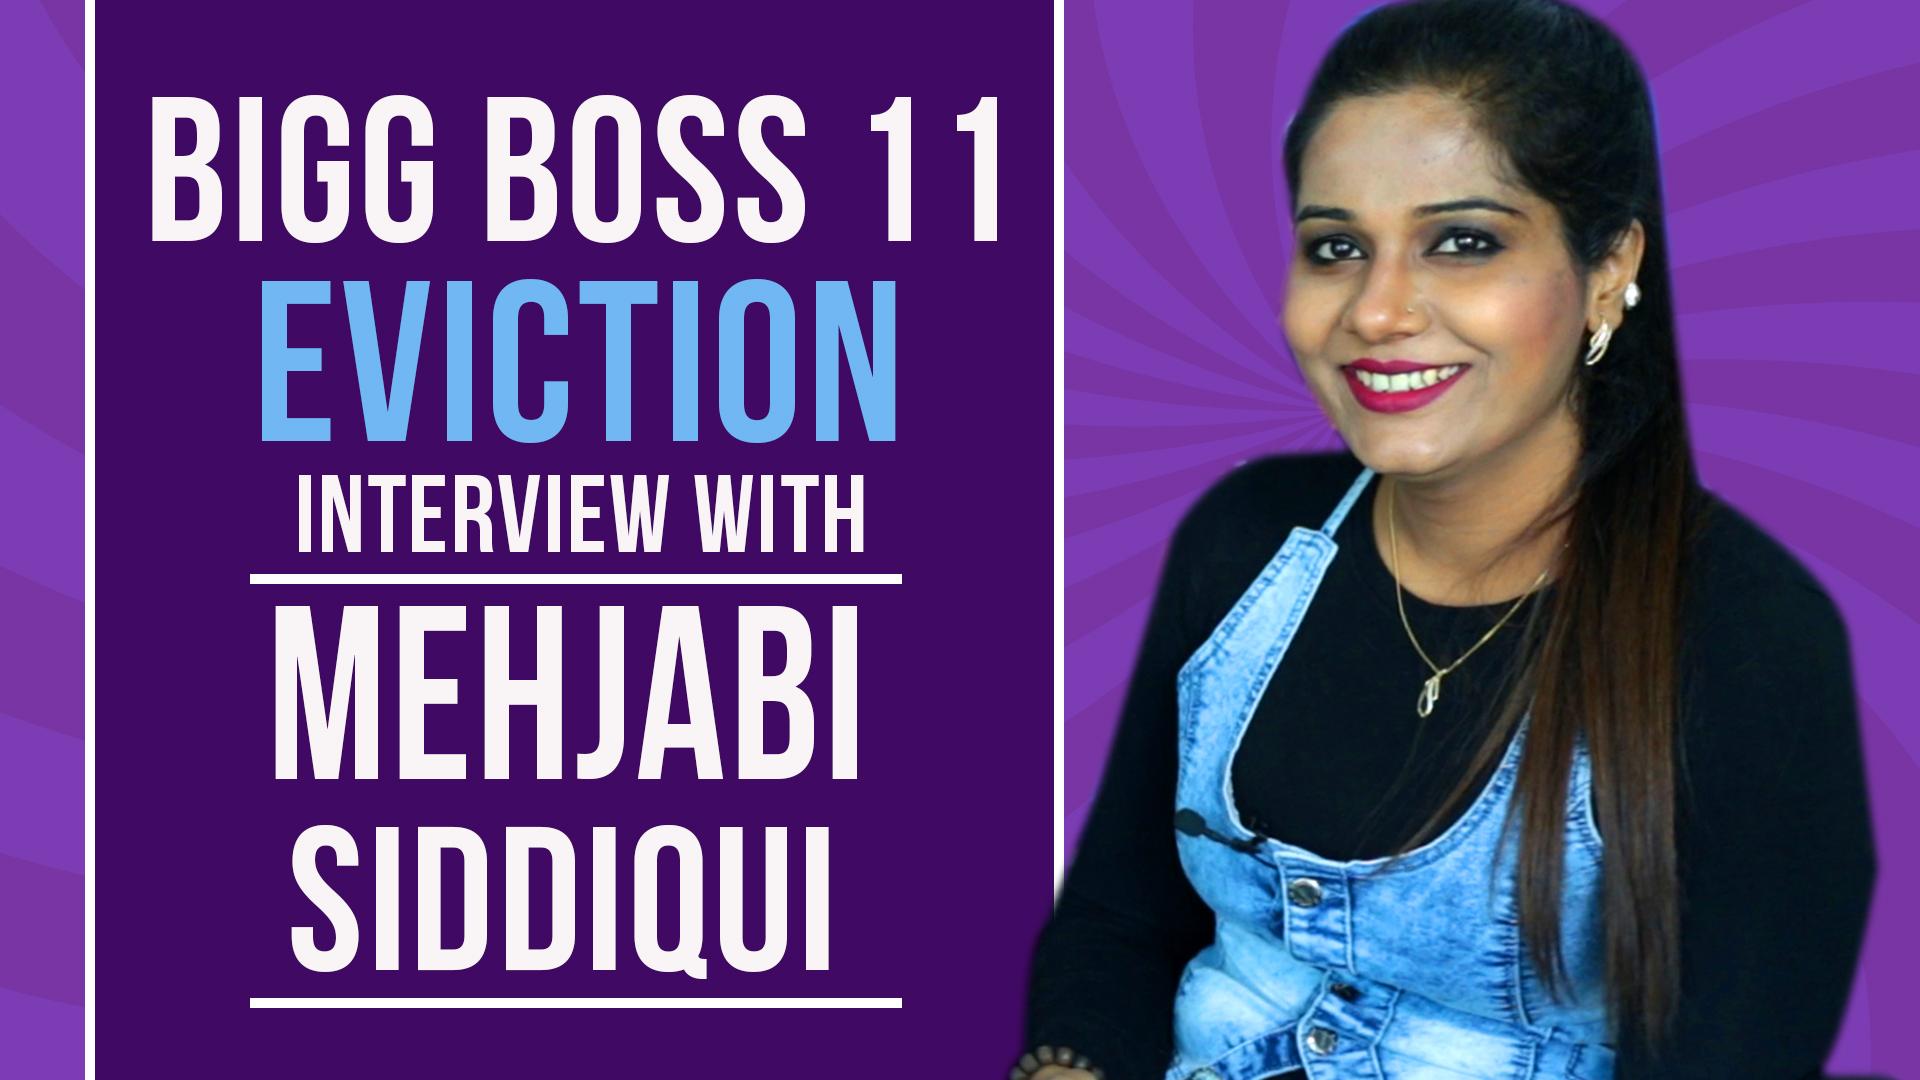 Bigg Boss: हिना खान की बैंड बजाना चाहती हैं महज़बी सिद्दीकी कहा शिल्पा शिंदे हैं रियल, देखिये विडियो